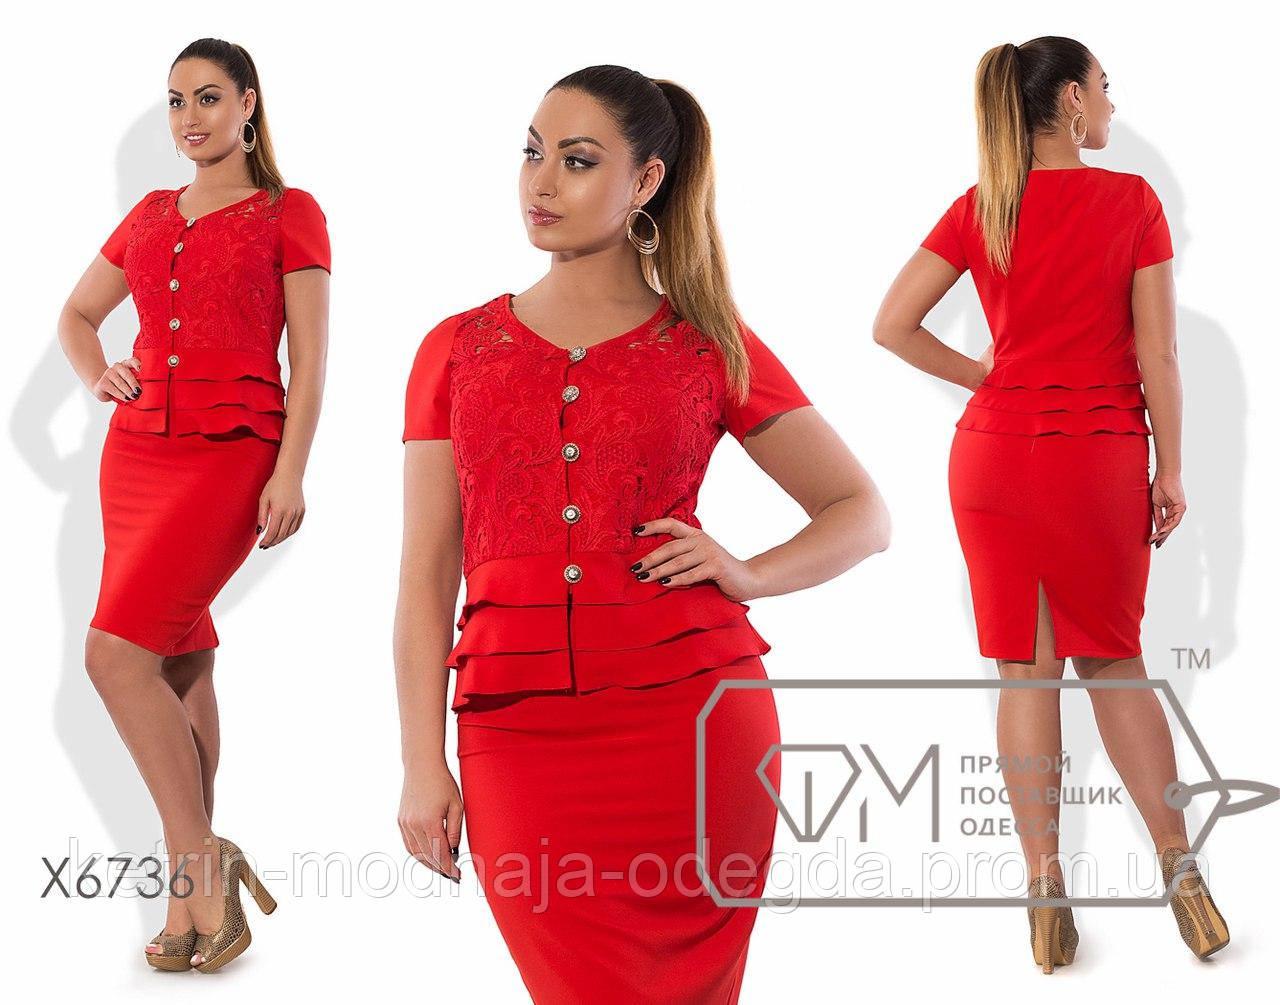 41768d5c7105 Элегантный модный летний женский костюм с юбкой больших размеров 48 - 54 -  Кетрин модная одежда